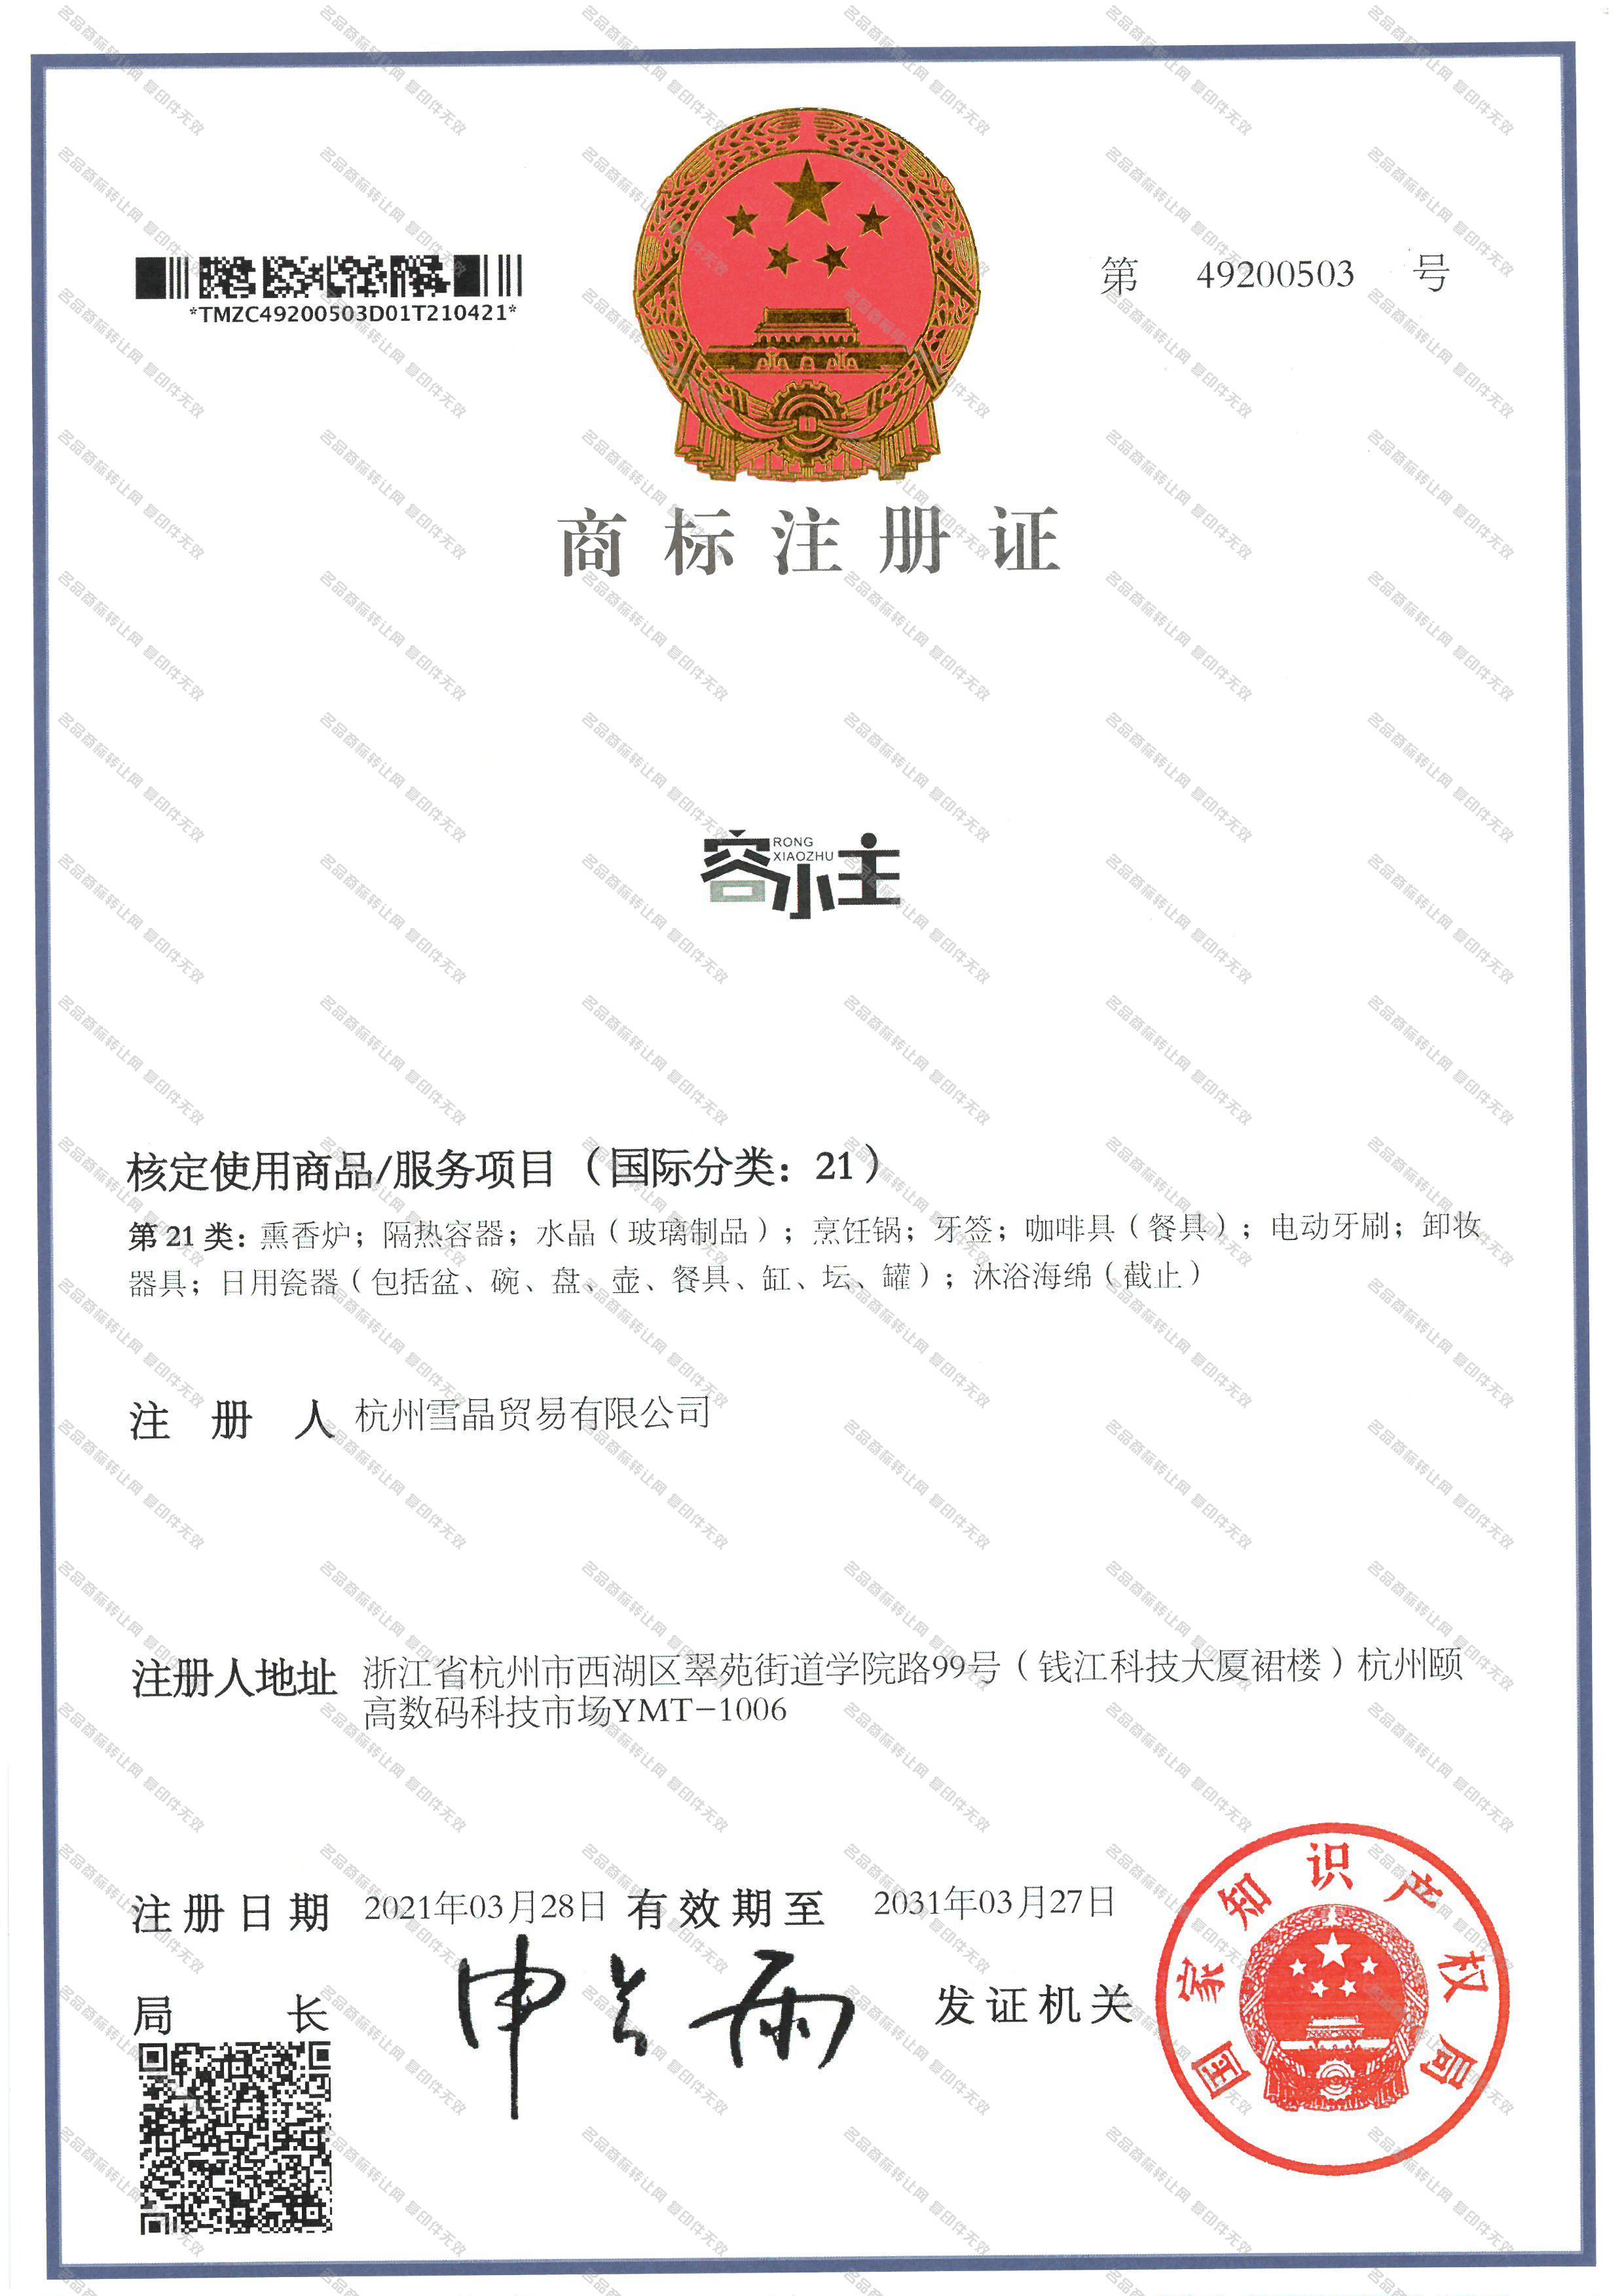 容小主;RONGXIAOZHU注册证